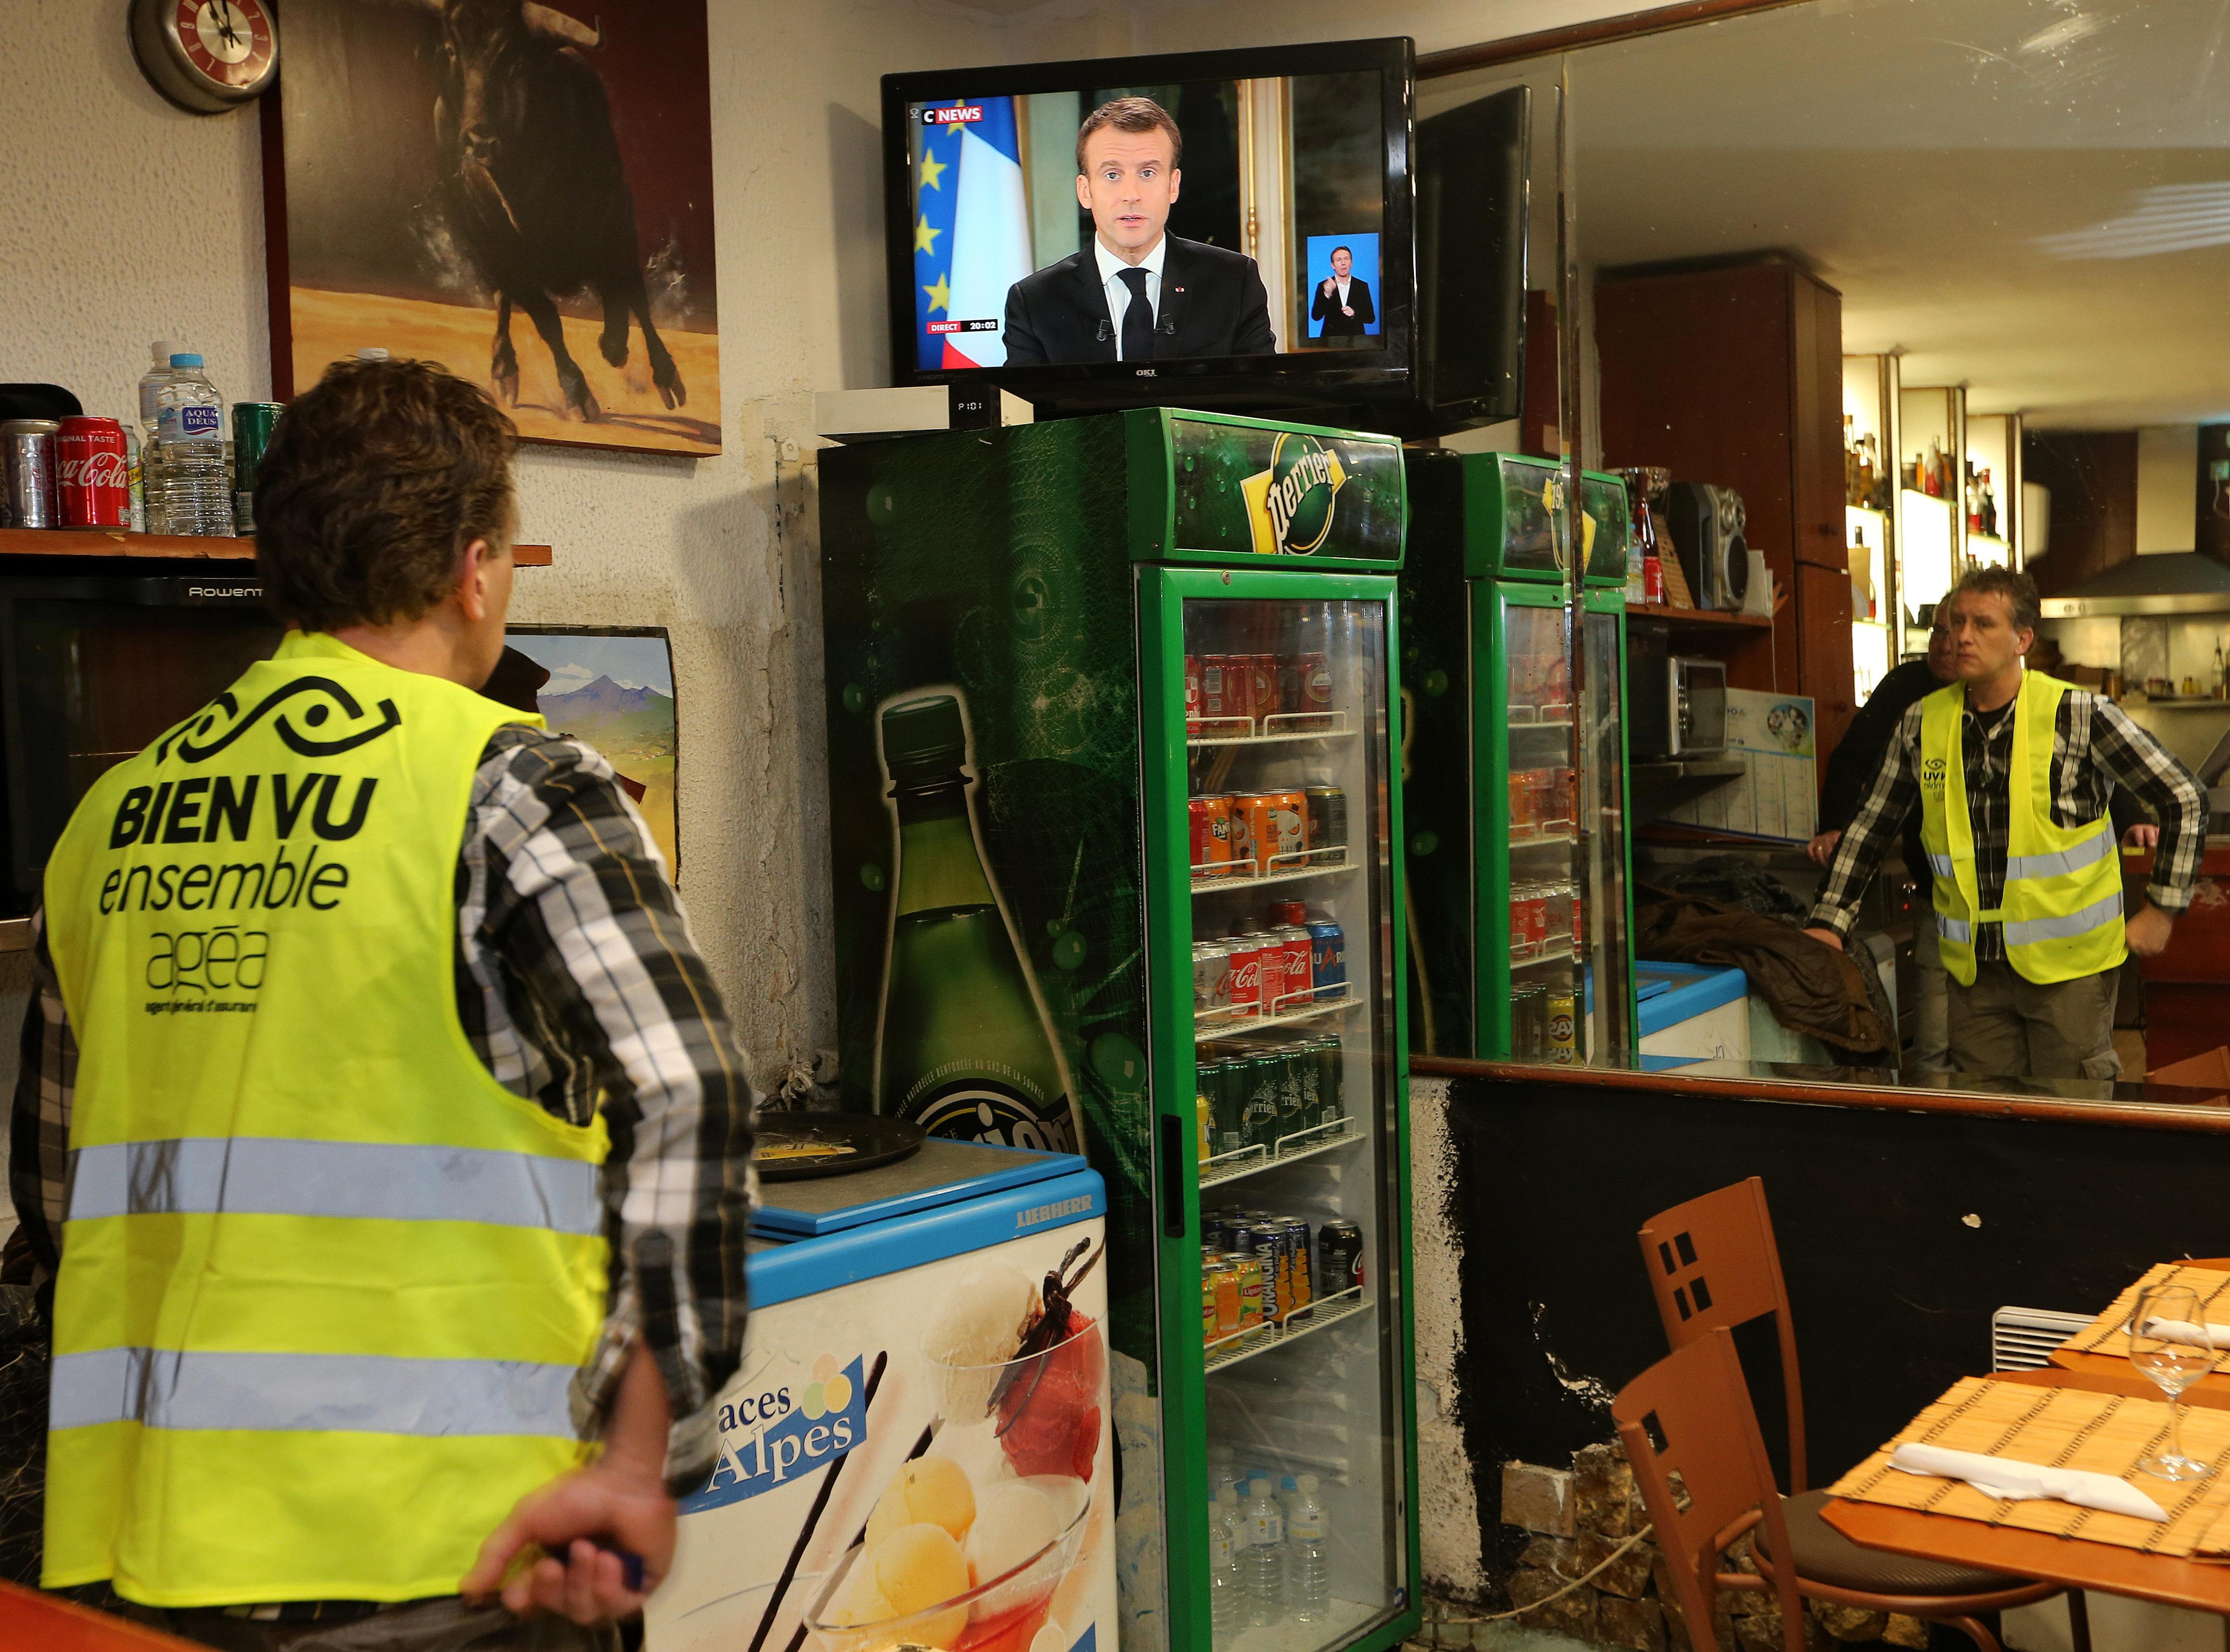 Η απάντηση της αντιπολίτευσης στη Γαλλία στο διάγγελμα